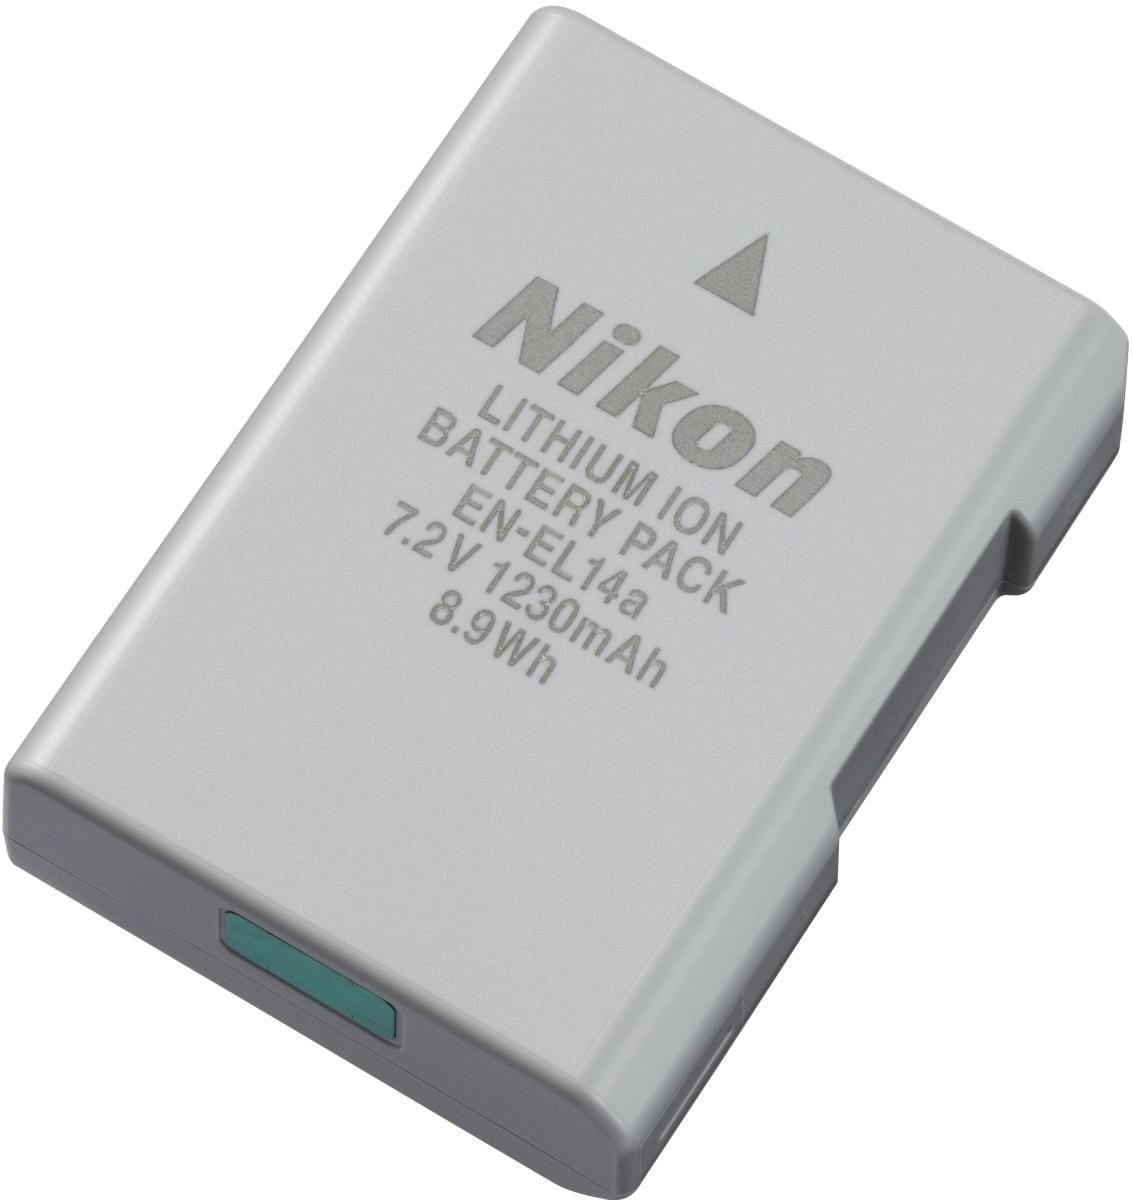 ����������� Nikon EN-EL14a (������� ��� ������������ �����)